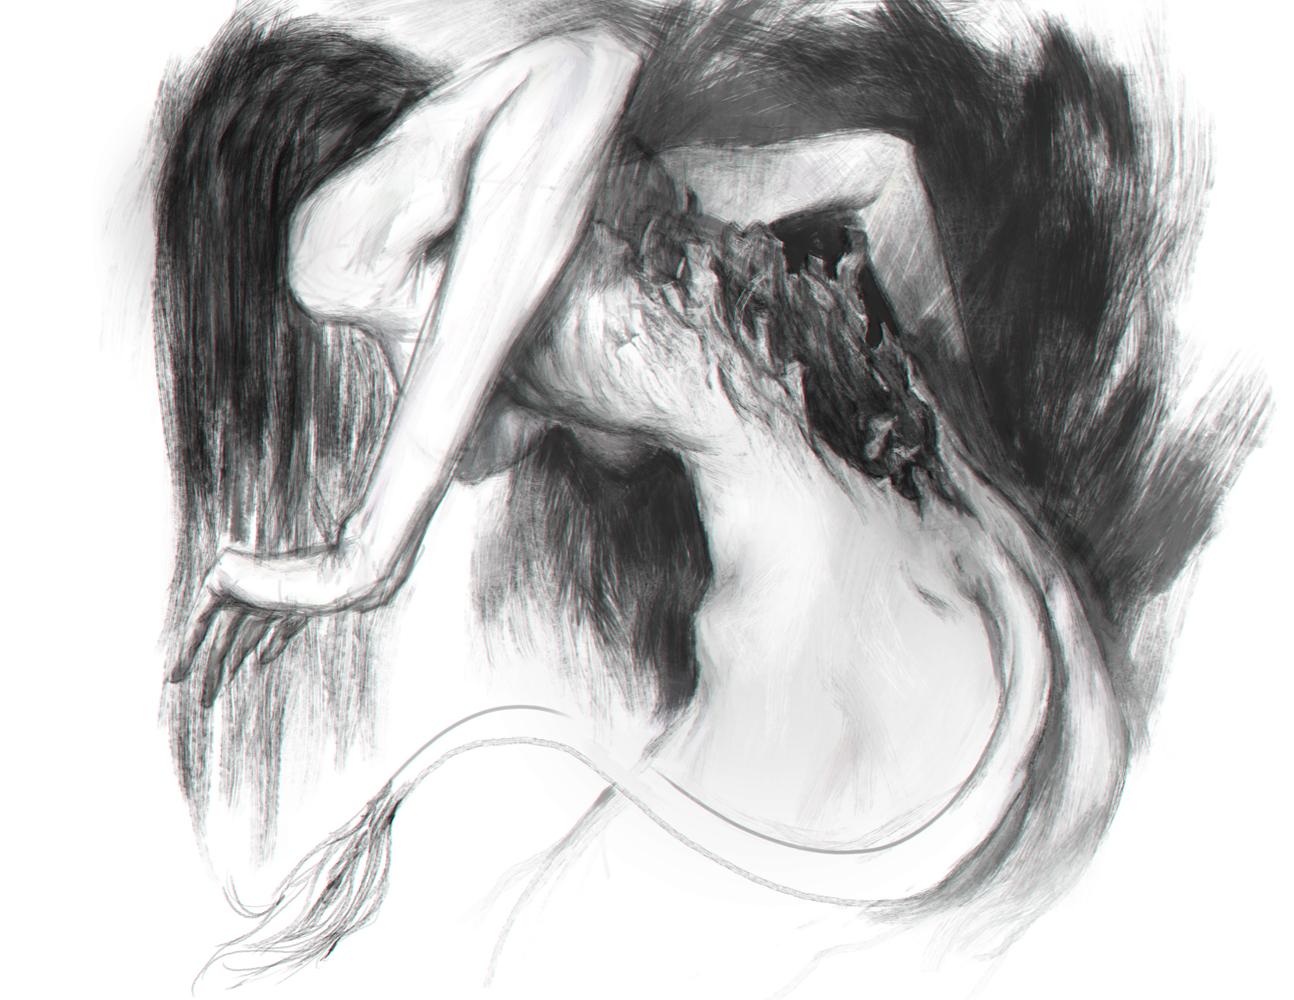 Huldra illustration